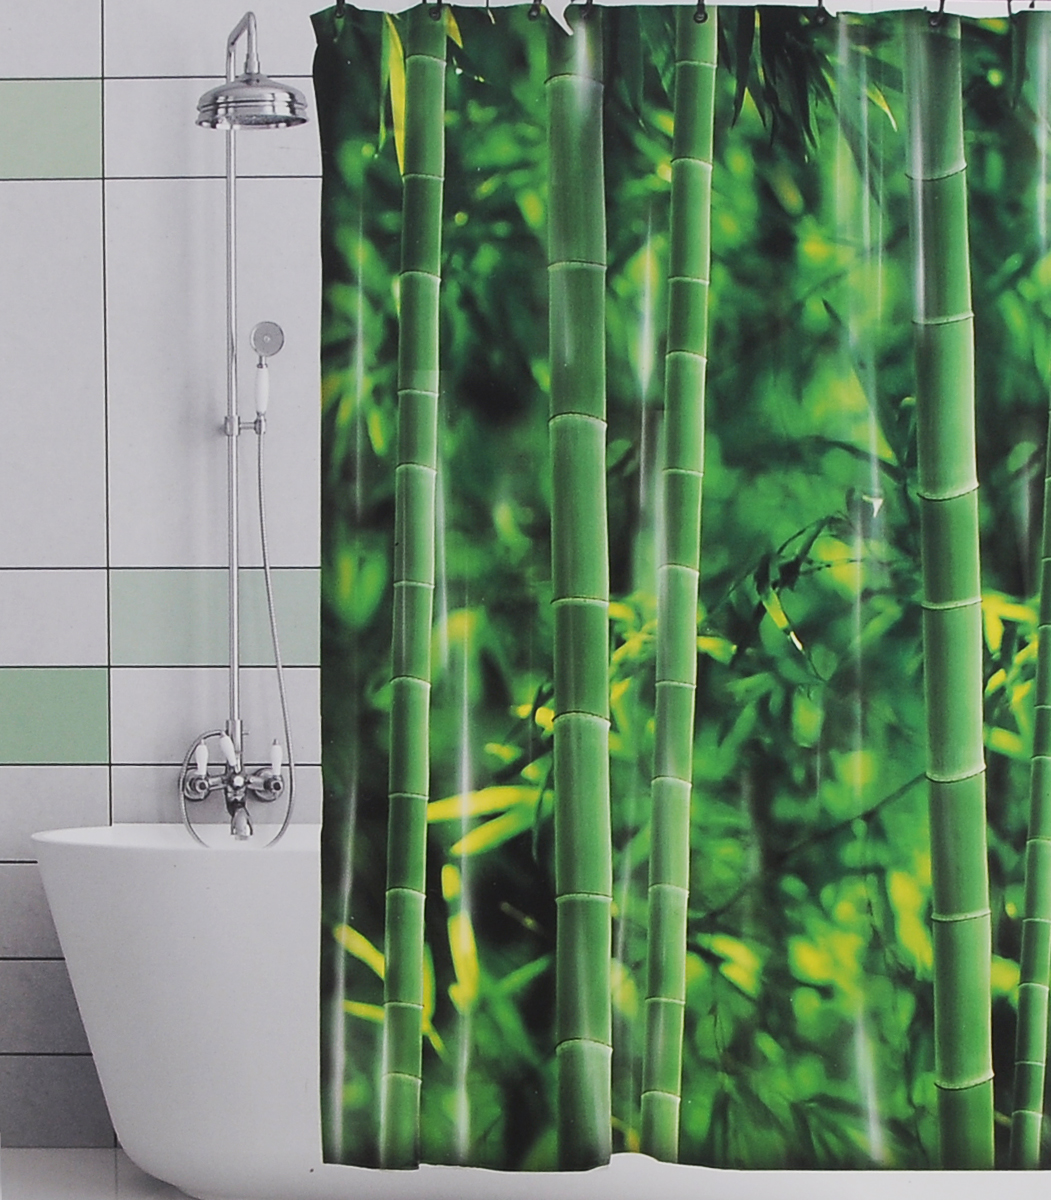 Штора для ванной Valiant Бамбуковые джунгли, цвет: зеленый, 180 х 180 смGHШтора для ванной комнаты Valiant Бамбуковые джунгли из 100% плотного полиэстера с водоотталкивающей поверхностью идеально защищает ванную комнату от брызг.В верхней кромке шторы предусмотрены отверстия для пластиковых колец (входят в комплект), а в нижней кромке шторы скрыт гибкий шнур, который поддерживает ее в естественной расправленной форме.Штору можно легко почистить мягкой губкой с мылом или постирать ее с мягким моющим средством в деликатном режиме. Количество колец: 12 шт.